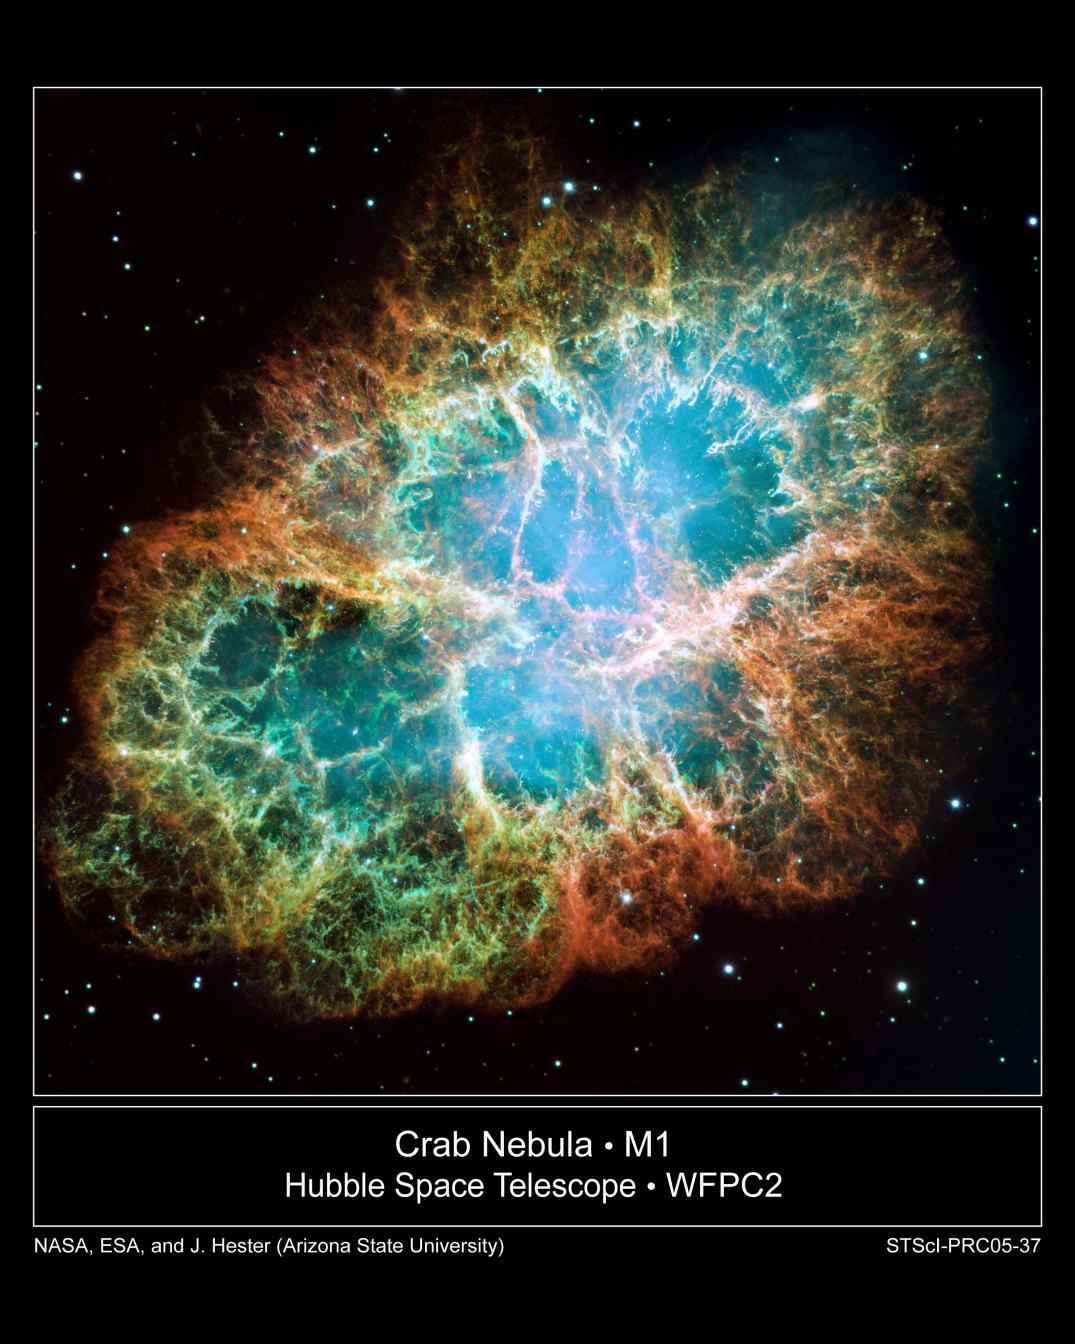 Esta imagem é um grande mosaico, um dos mais detalhados já obtido pelo Telescópio Espacial Hubble da NASA da Nebulosa do Caranguejo, uma nebulosa remanescente de supernova com seis anos-luz de diâmetro. Investigações recentes mostram que os raios cósmicos galácticos que fluem para o nosso Sistema Solar são originários de objetos como este. Créditos: NASA/ESA/Universidade do Estado do Arizona